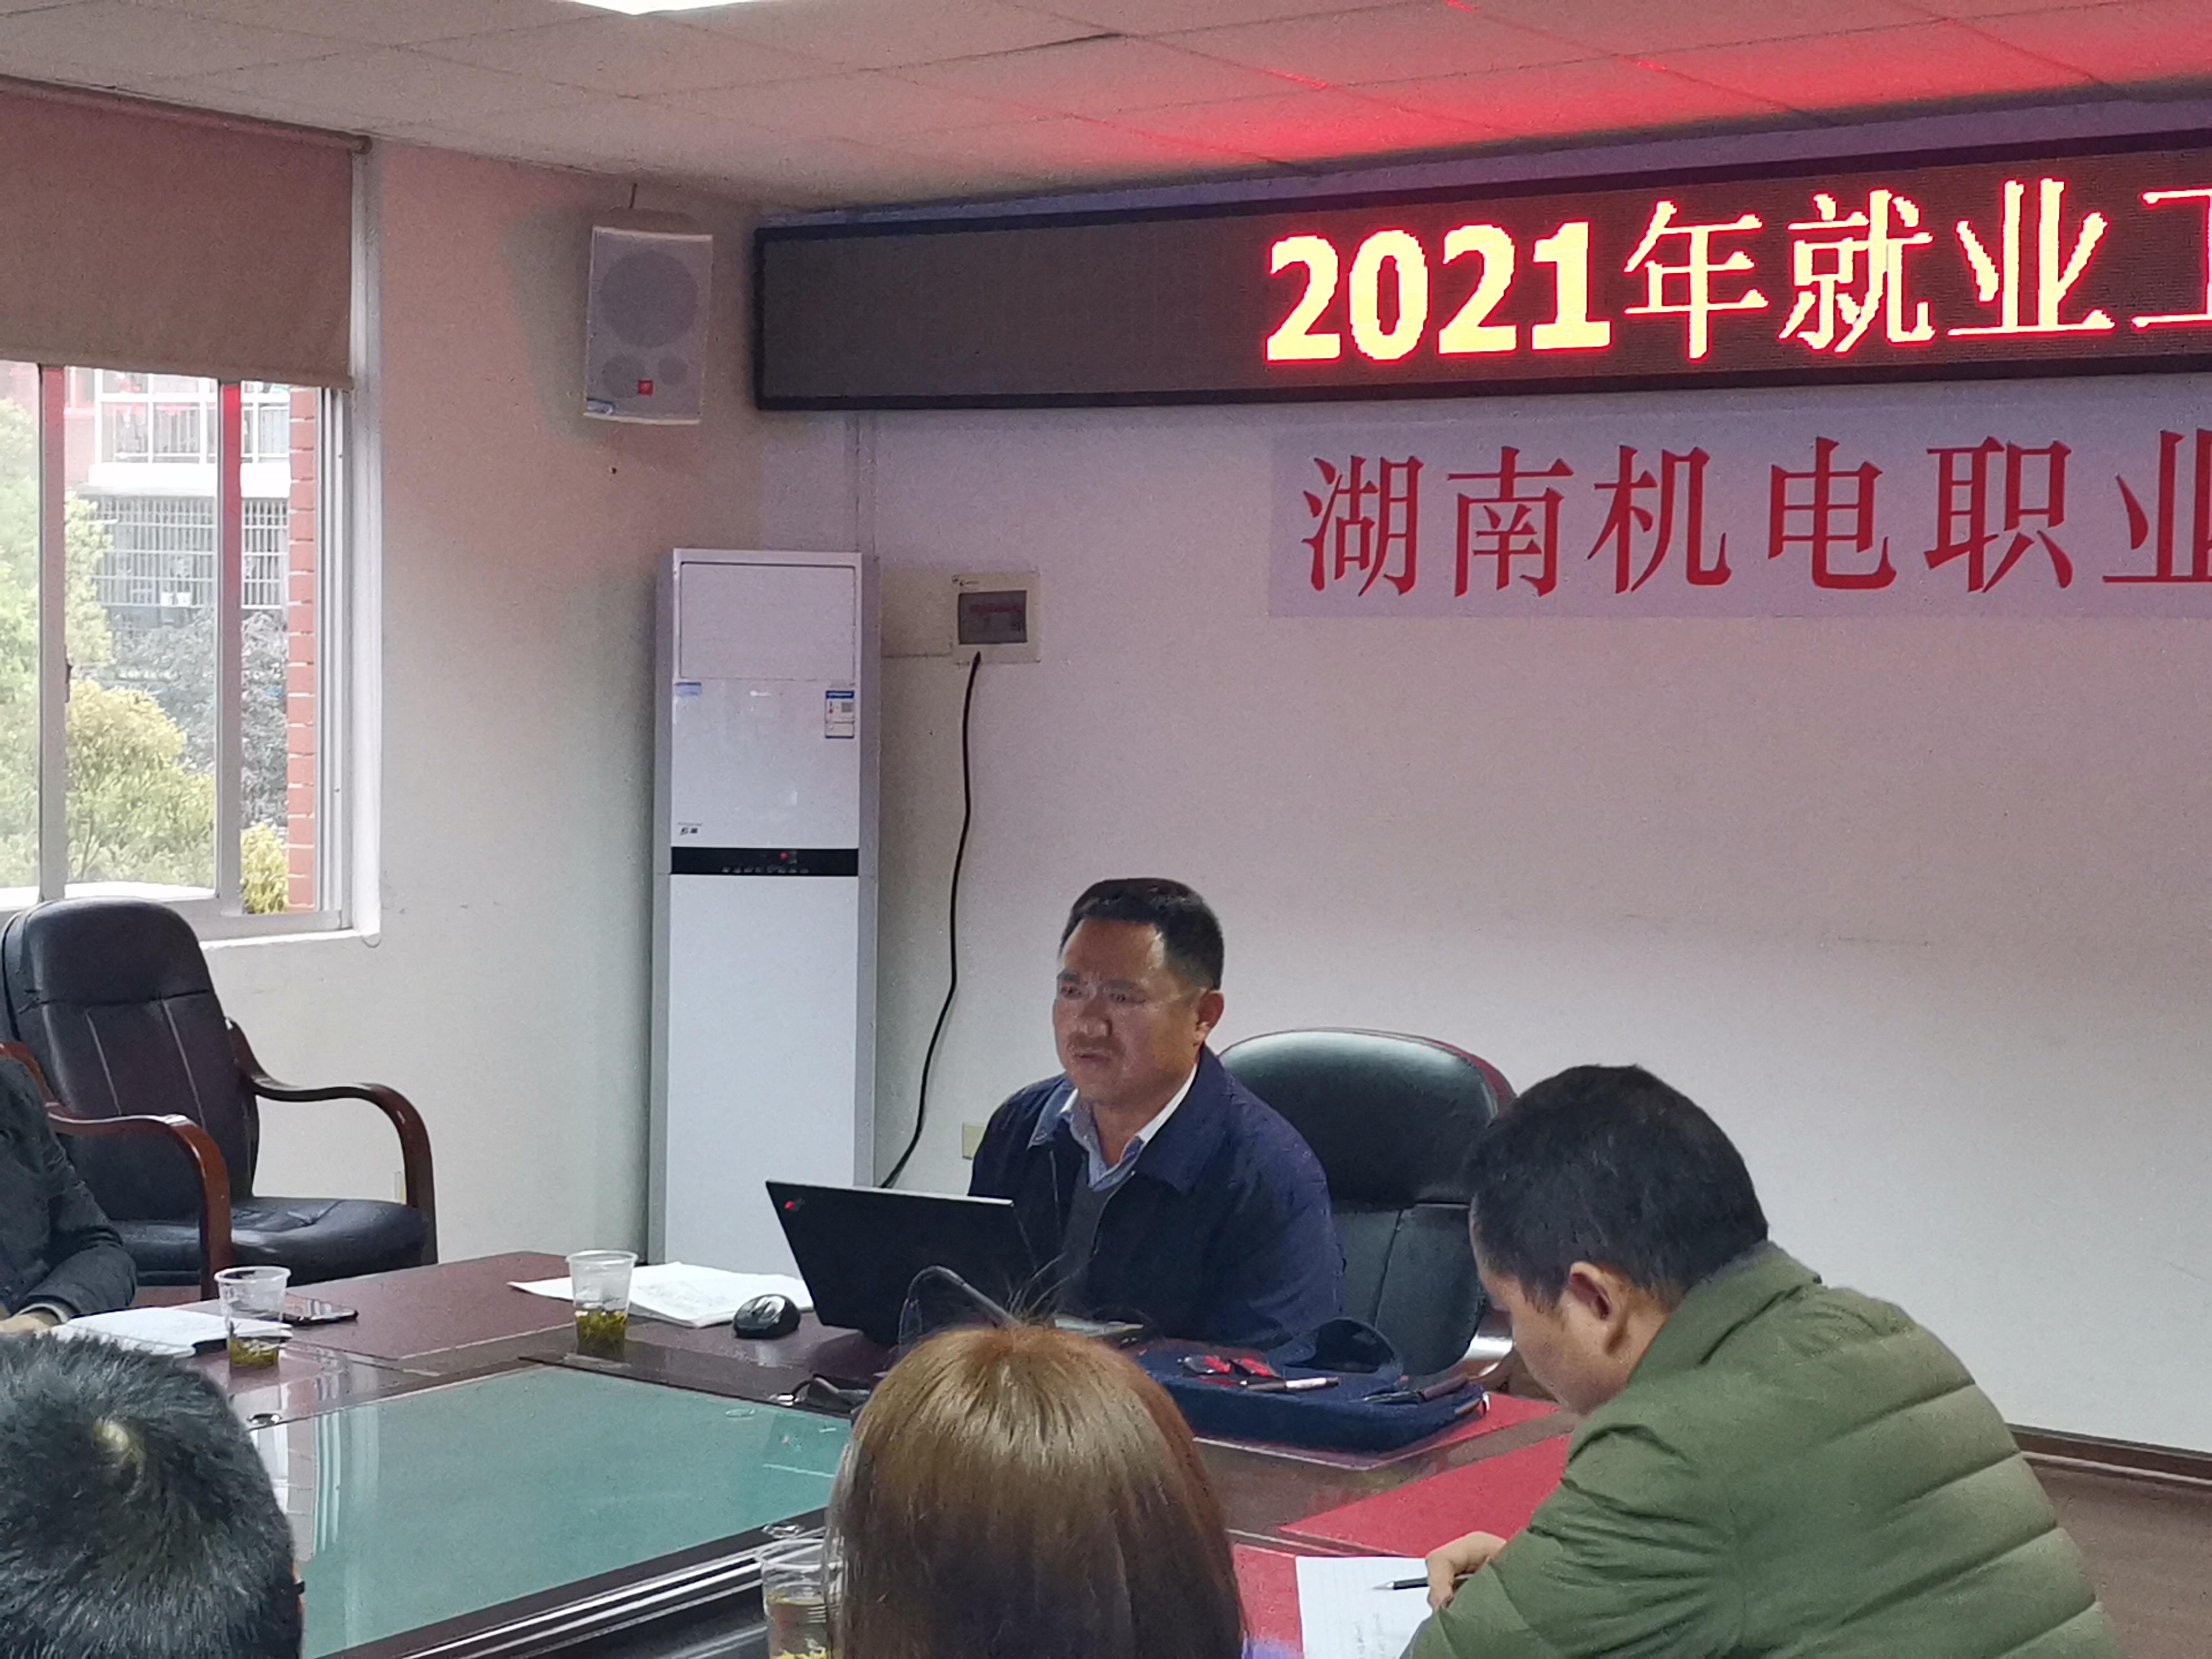 20210316  2021年就业工作专题会议02.jpg